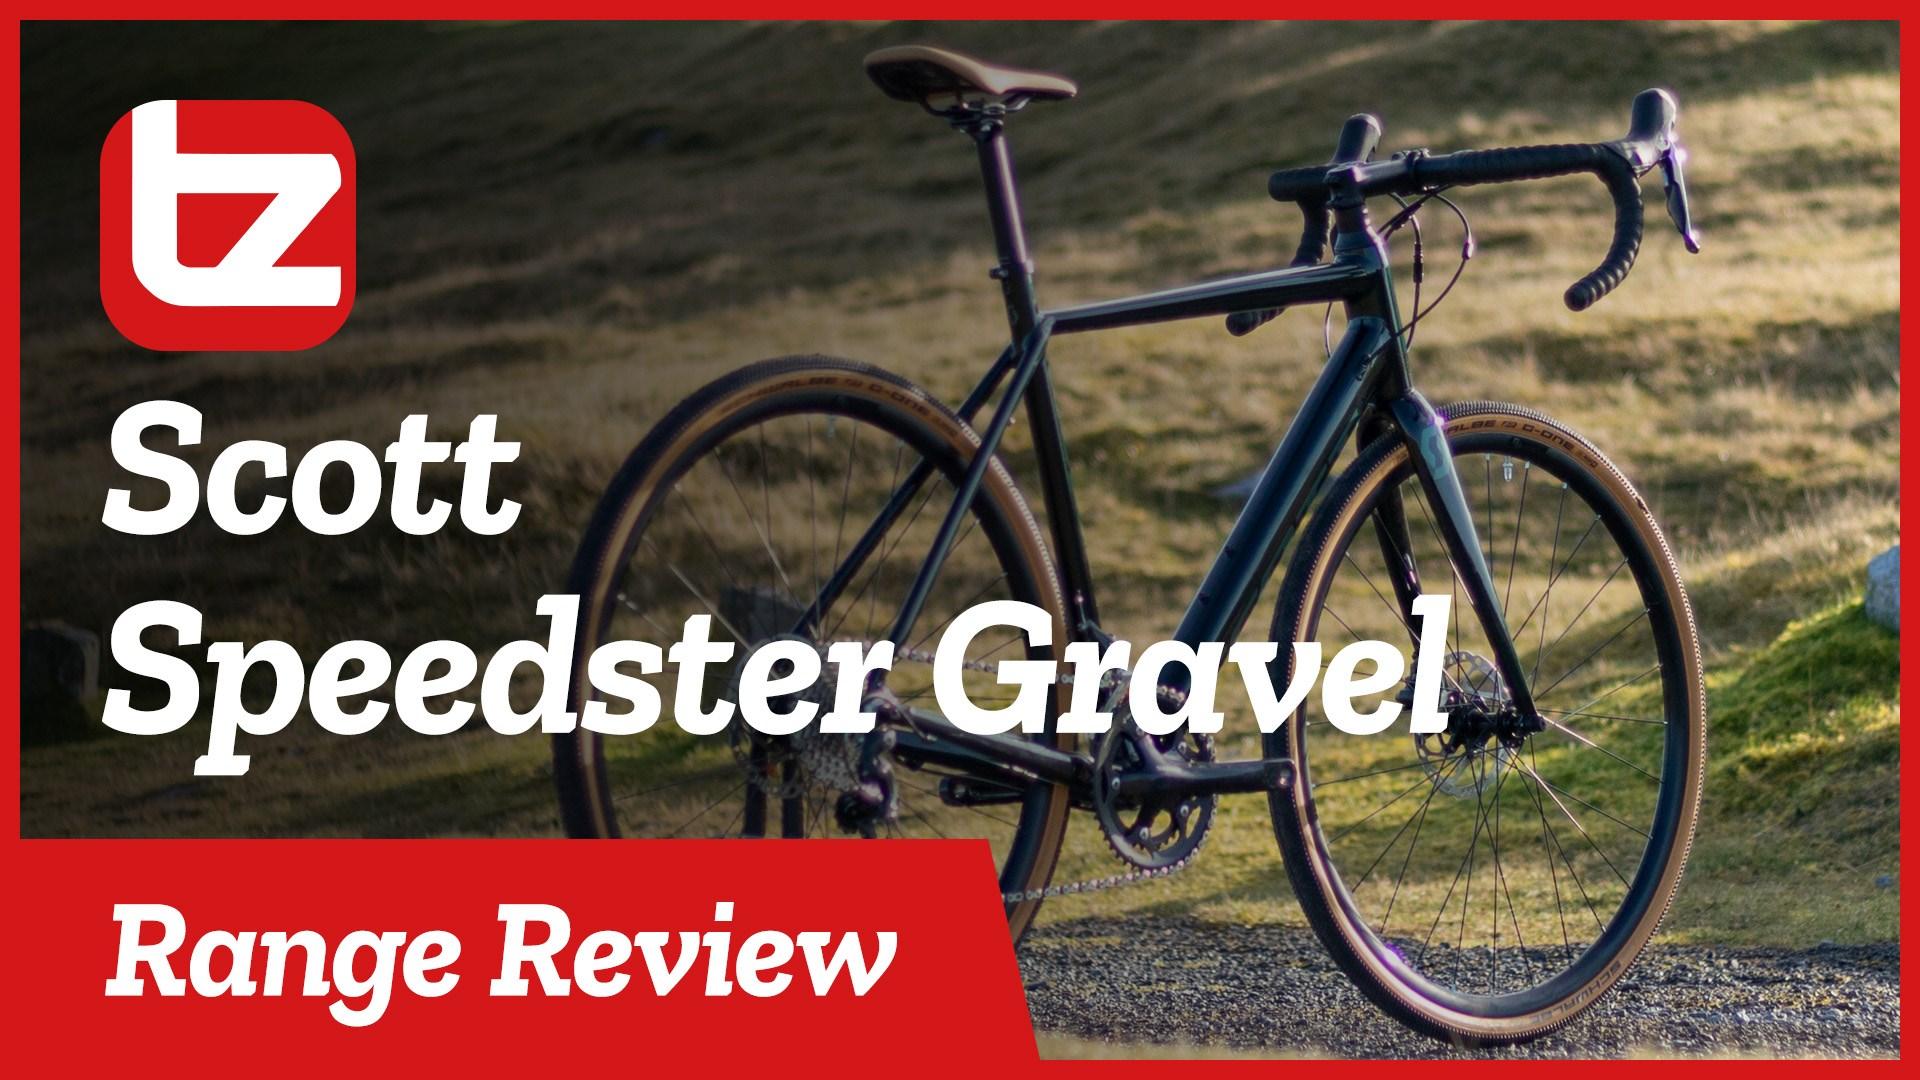 Scott Speedster Gravel | Range Review | Tredz Bikes